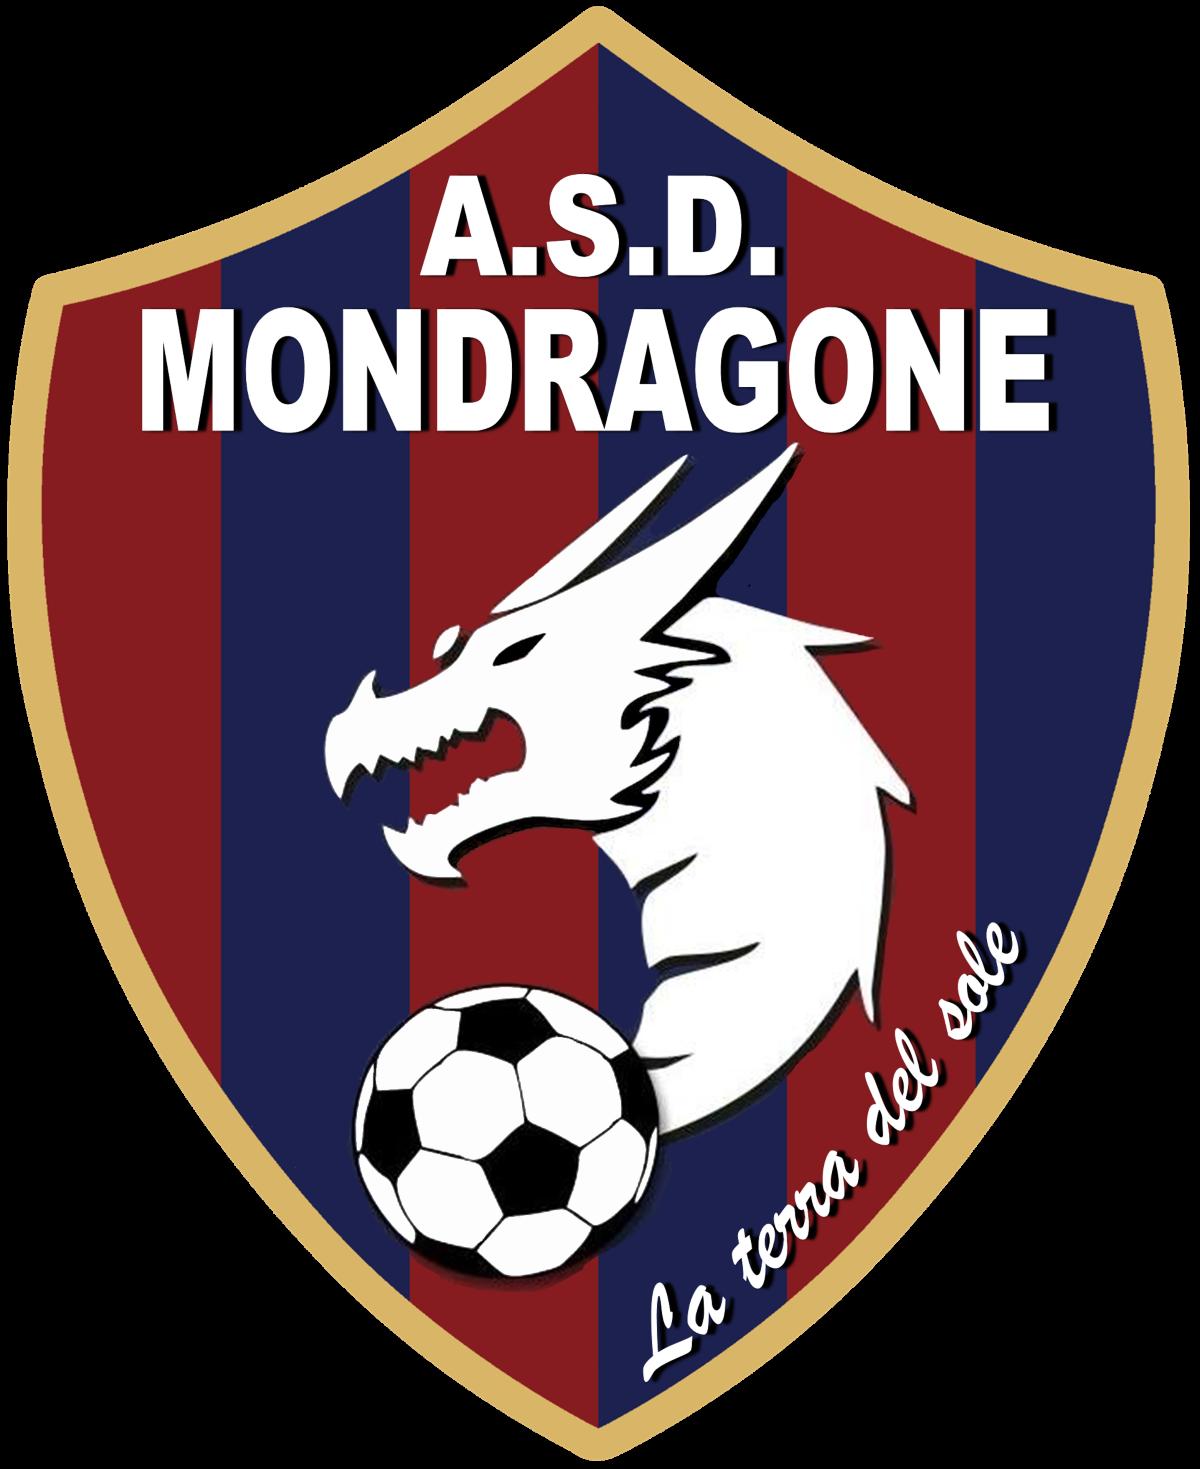 Mondragone - Staff Squadra - Campania - Eccellenza Girone A